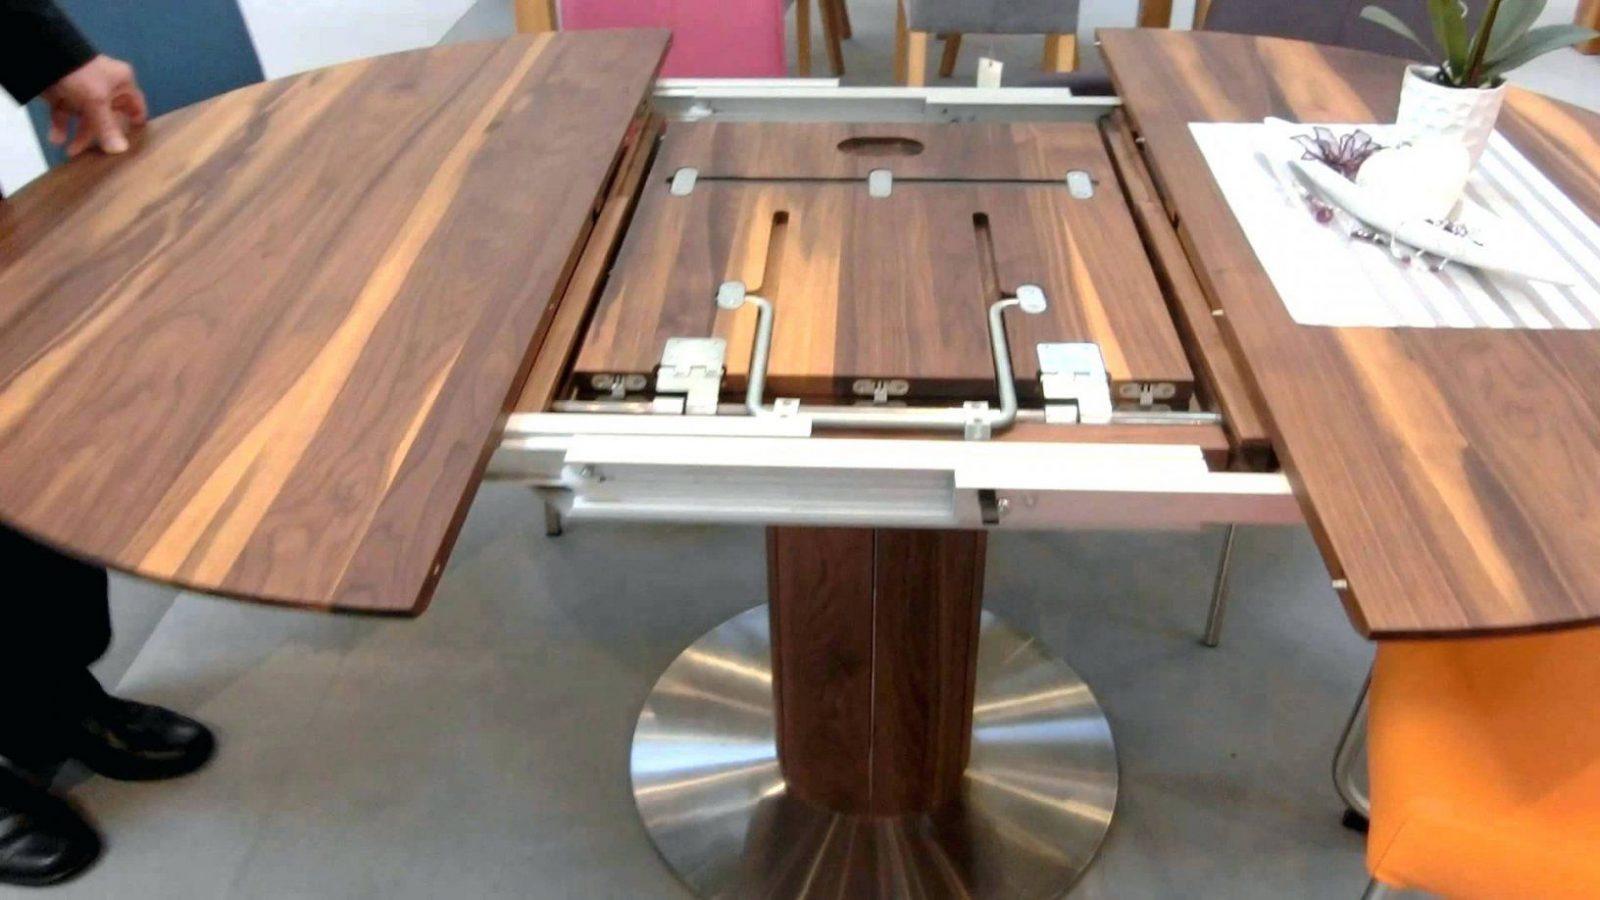 Massivholztisch Selber Bauen Fantastische Inspiration Tisch Und von Esstisch Selber Bauen Ausziehbar Photo